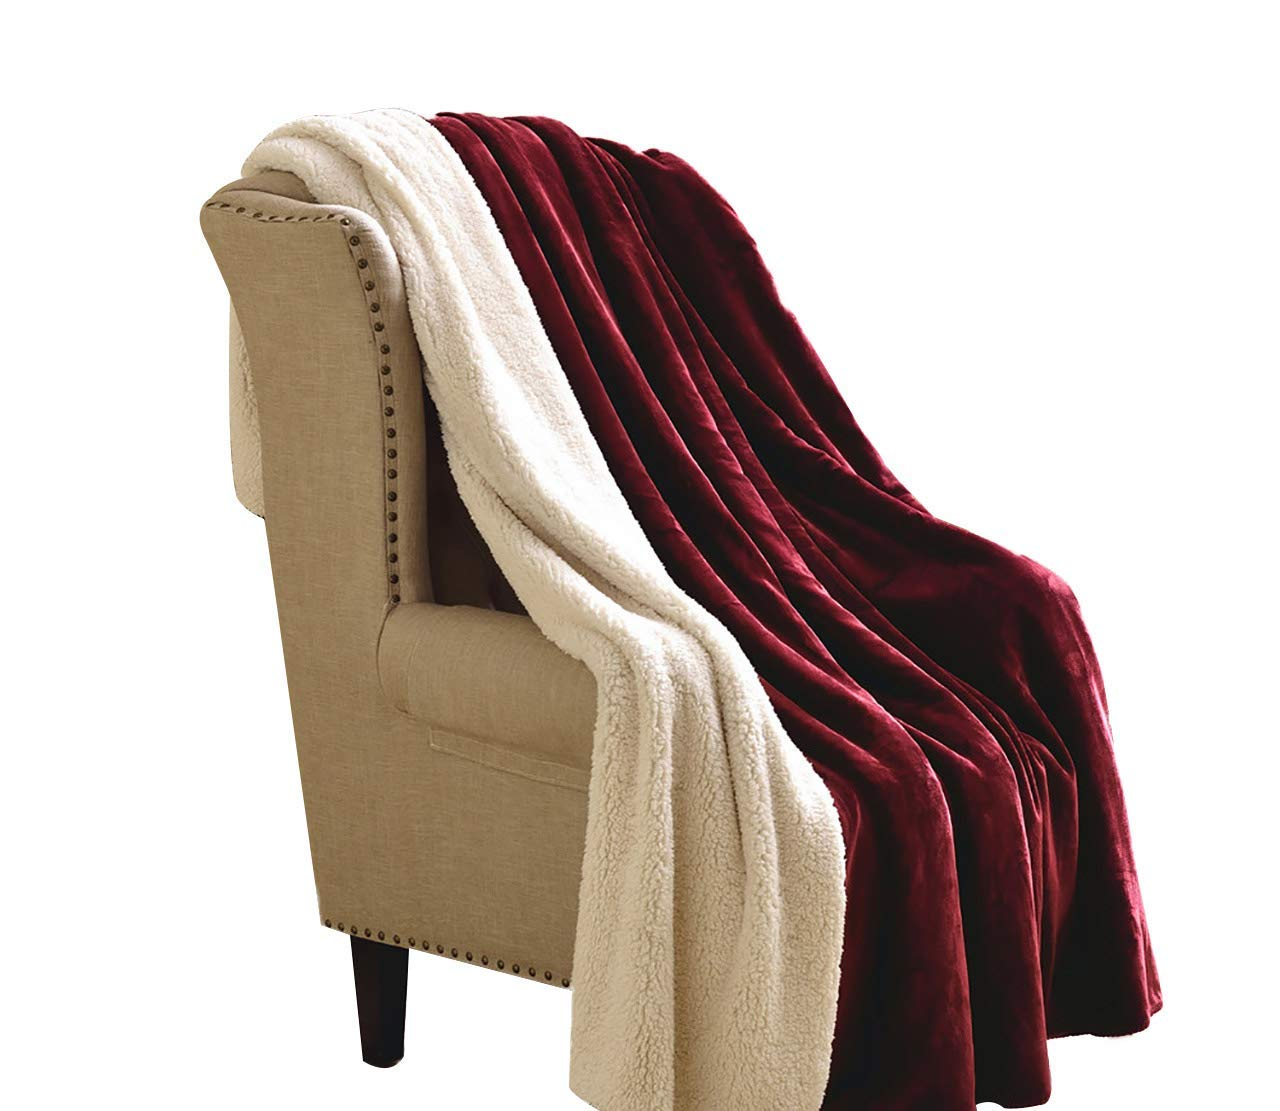 フェイクファー毛布フェイクファー、二重厚く暖かいウール毛布冬毛布コーラルブランケットキルトシングルダブル毛布(色:A、サイズ:200× 230 cm) B07QQR1HM7